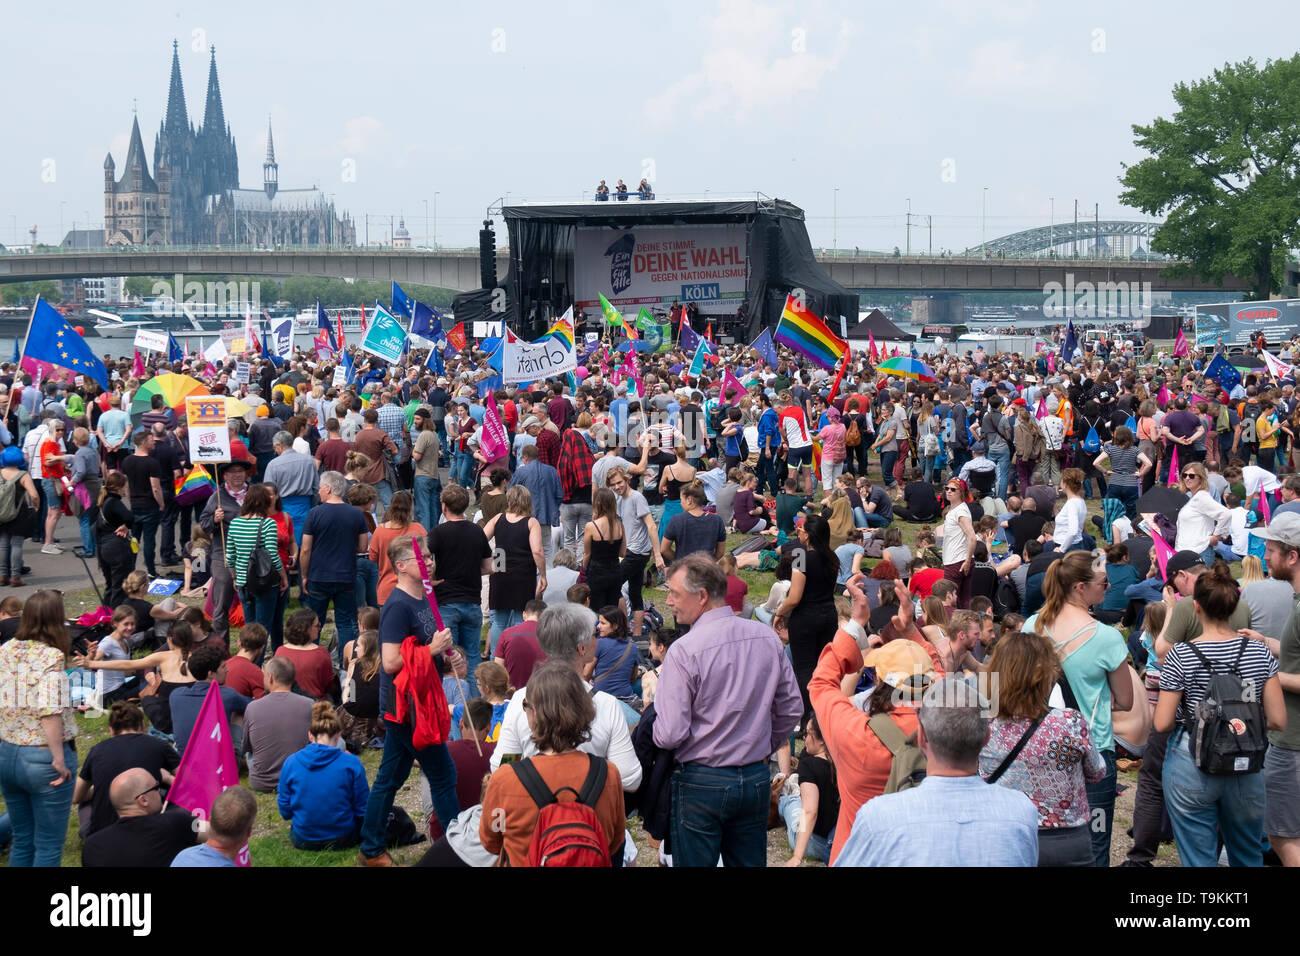 30 000 de personnes sont descendues dans la rue dimanche à Cologne pour une manifestation en faveur de l'unification européenne et contre le nationalisme Photo Stock